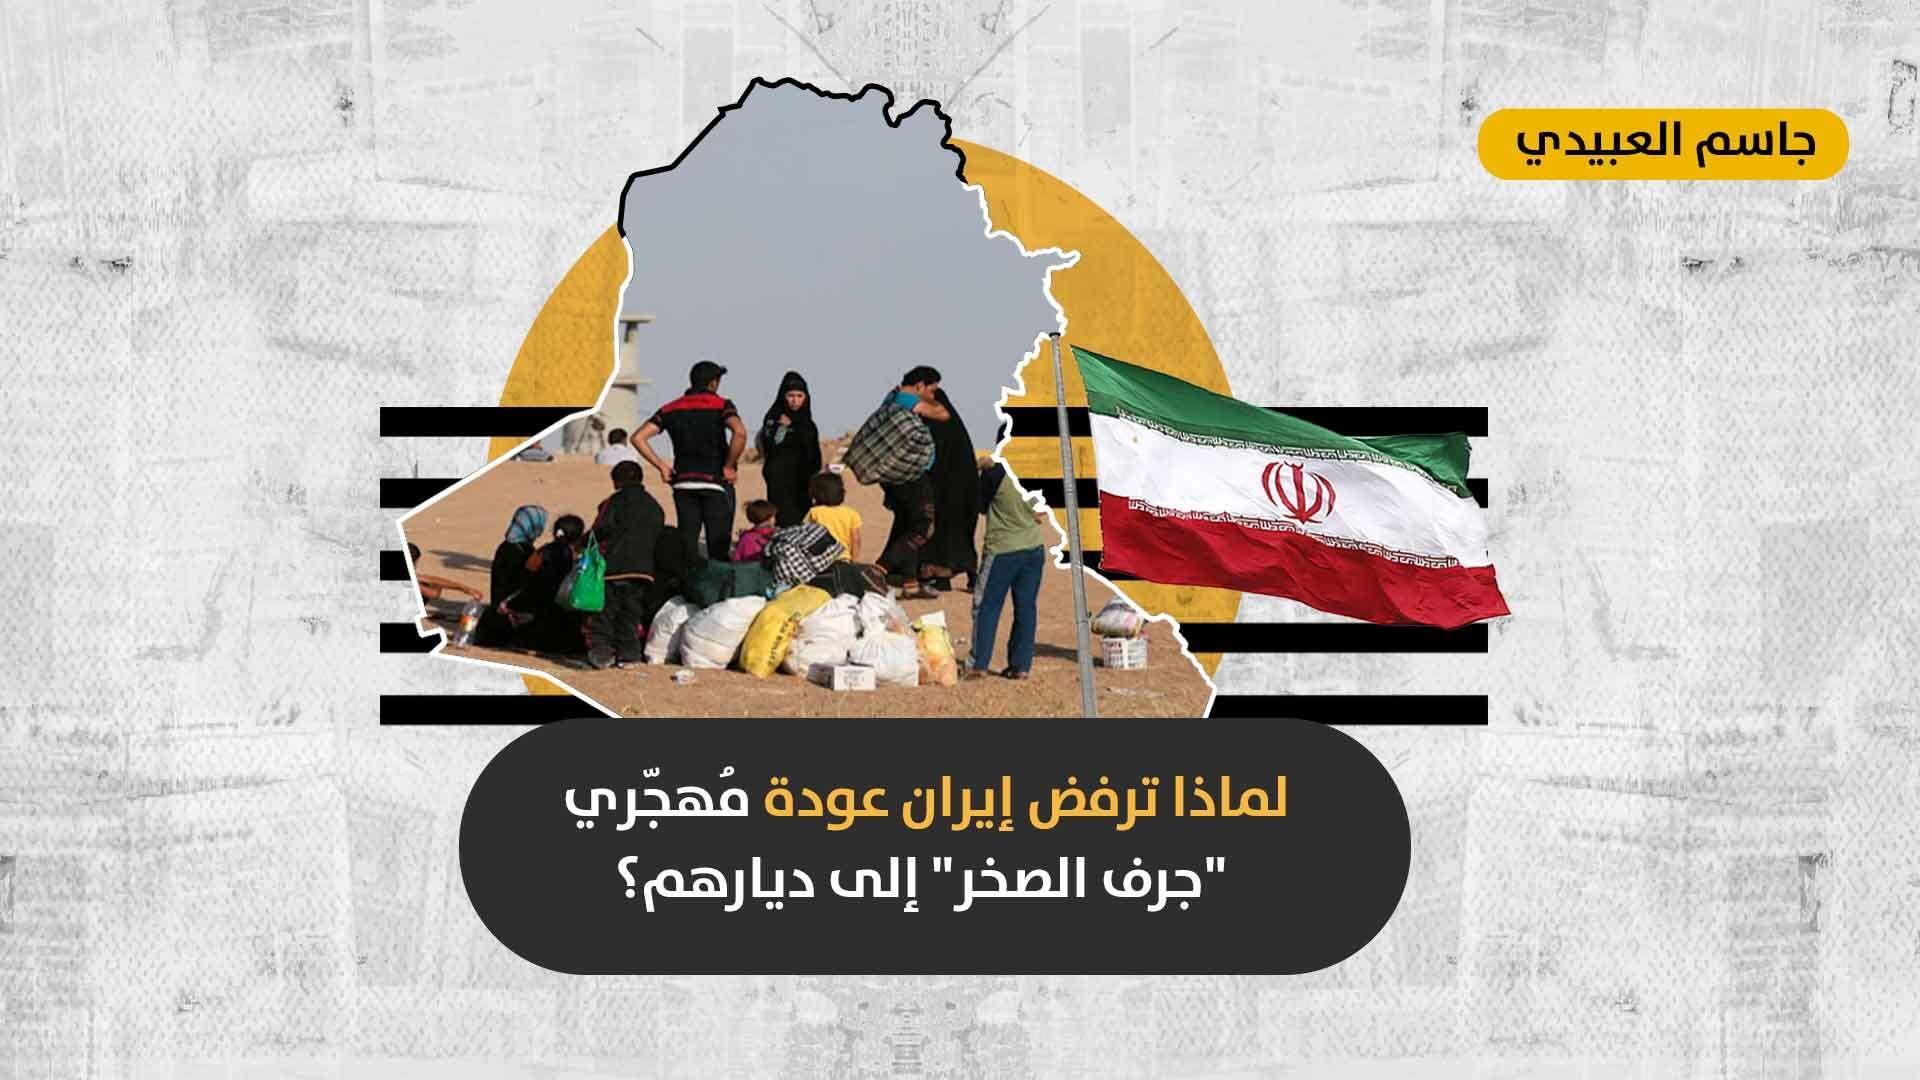 """قضية مُهجّري """"جرف الصخر"""": هل يعجز وزير الخارجية الإيراني عن إقناع الميلشيات الولائية بالسماح بعودة أهالي المنطقة؟"""